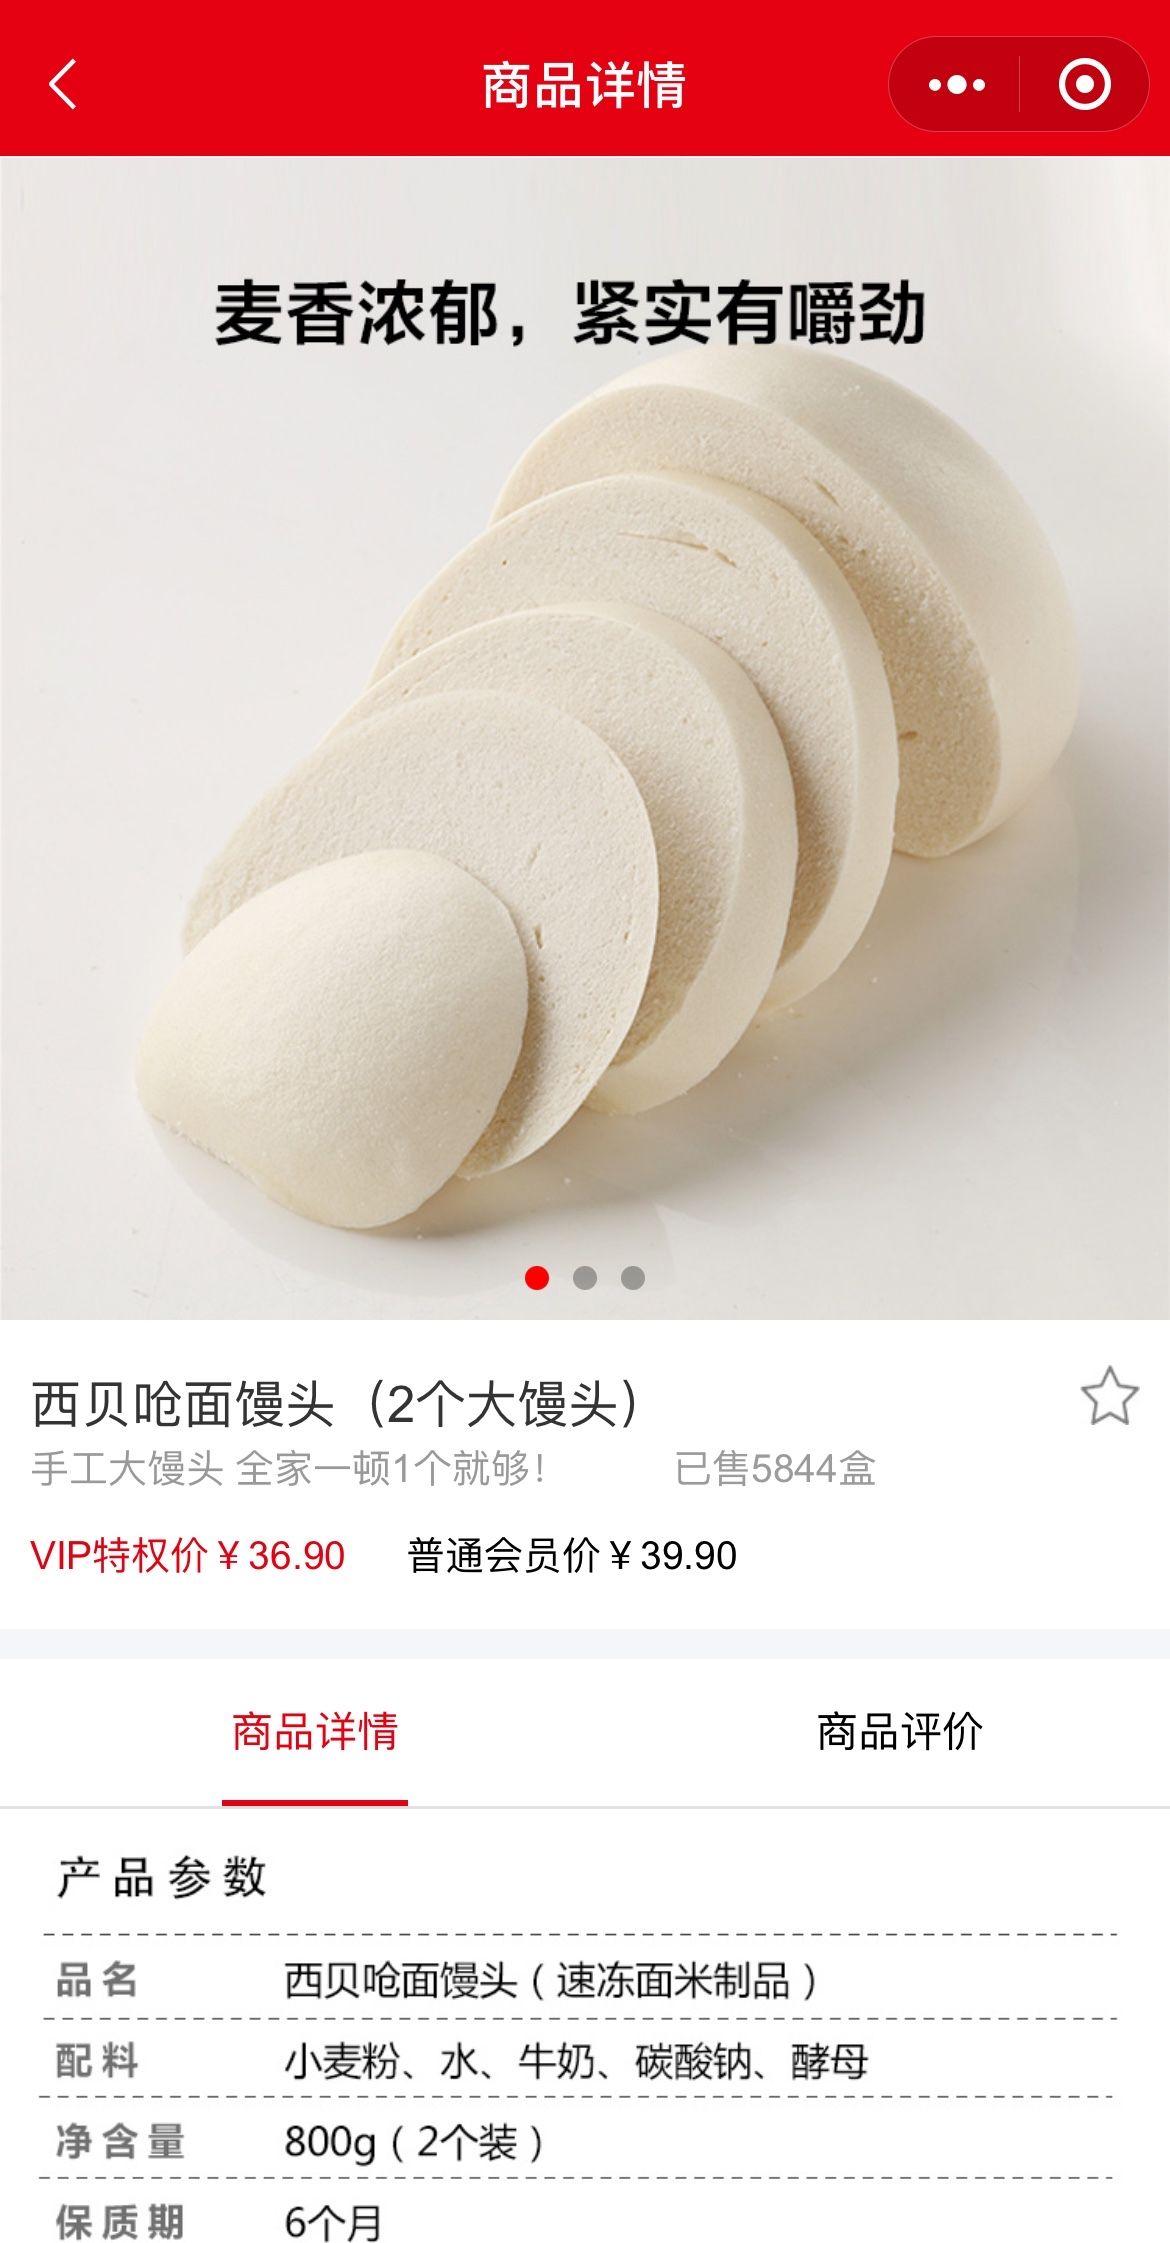 """西贝21元馒头上热搜,被认为定价""""缺乏策略性考虑"""""""